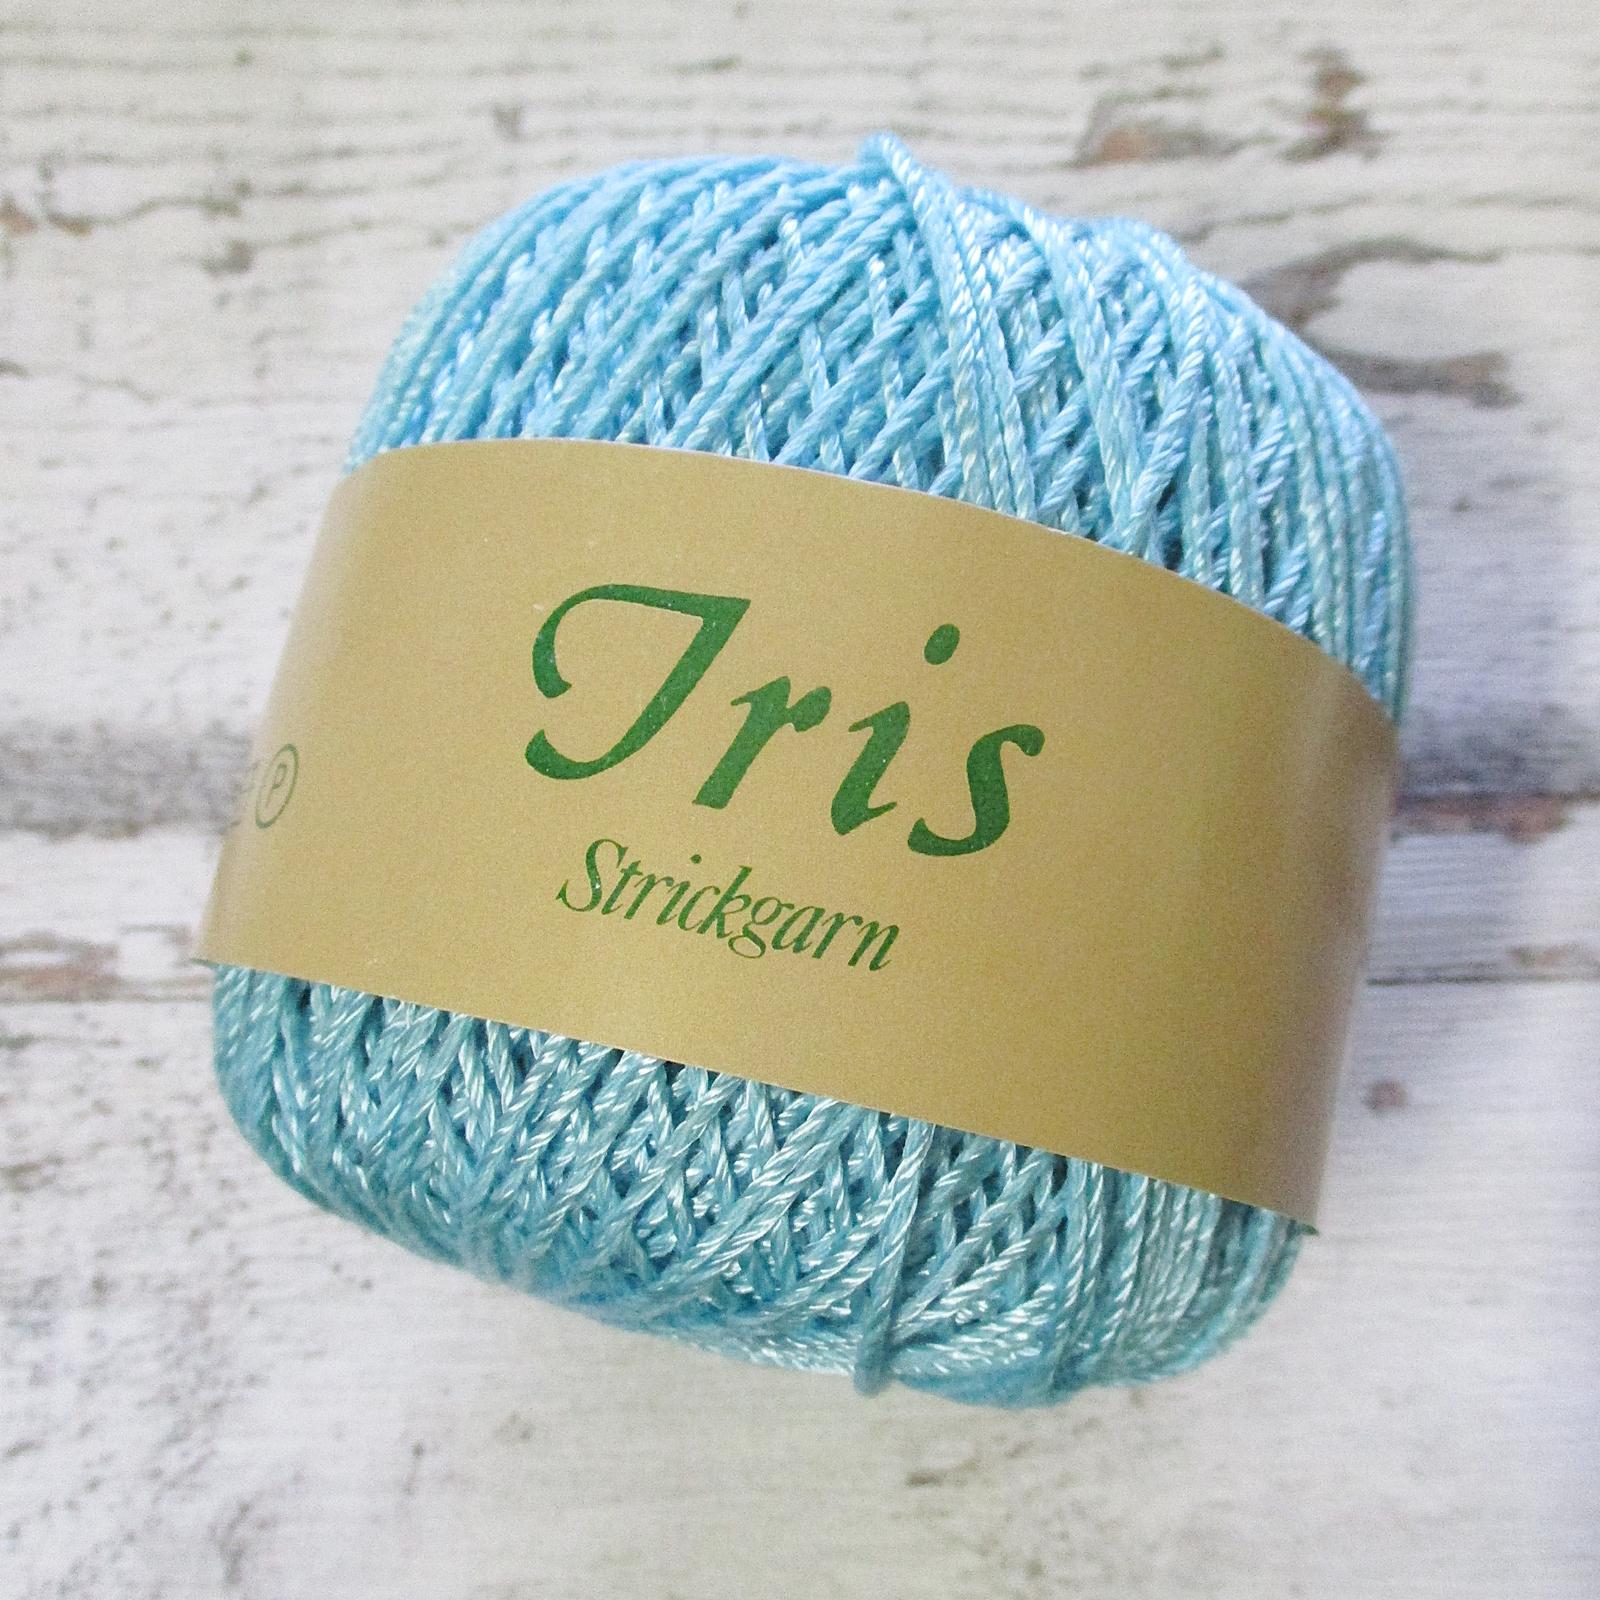 Wolle Strickgarn Iris 67%Viskose 33umwolle Farbe_7 eisblau - Woolnerd